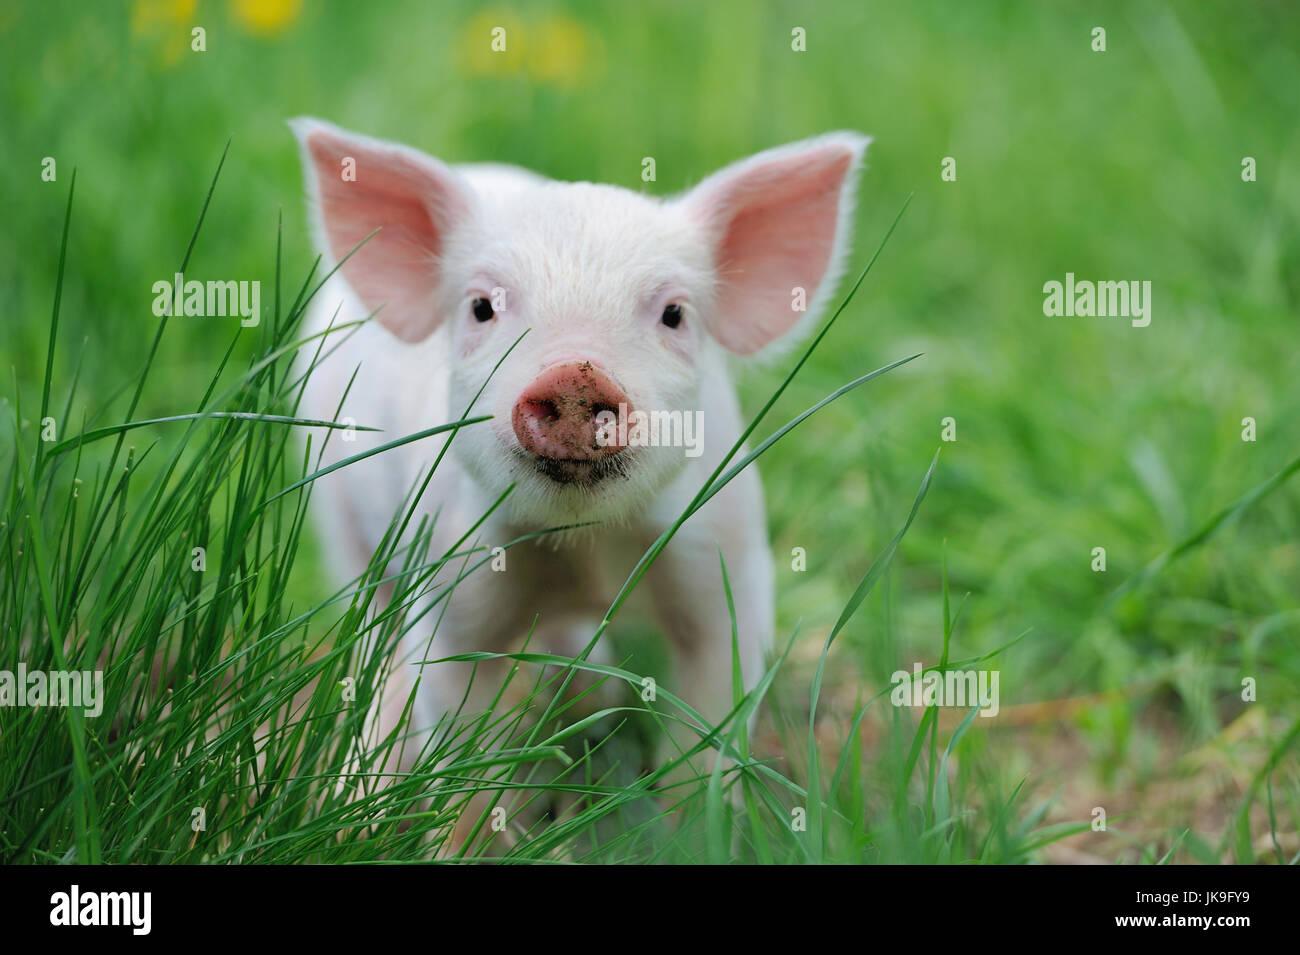 Lechón en primavera en una granja de hierba verde Imagen De Stock